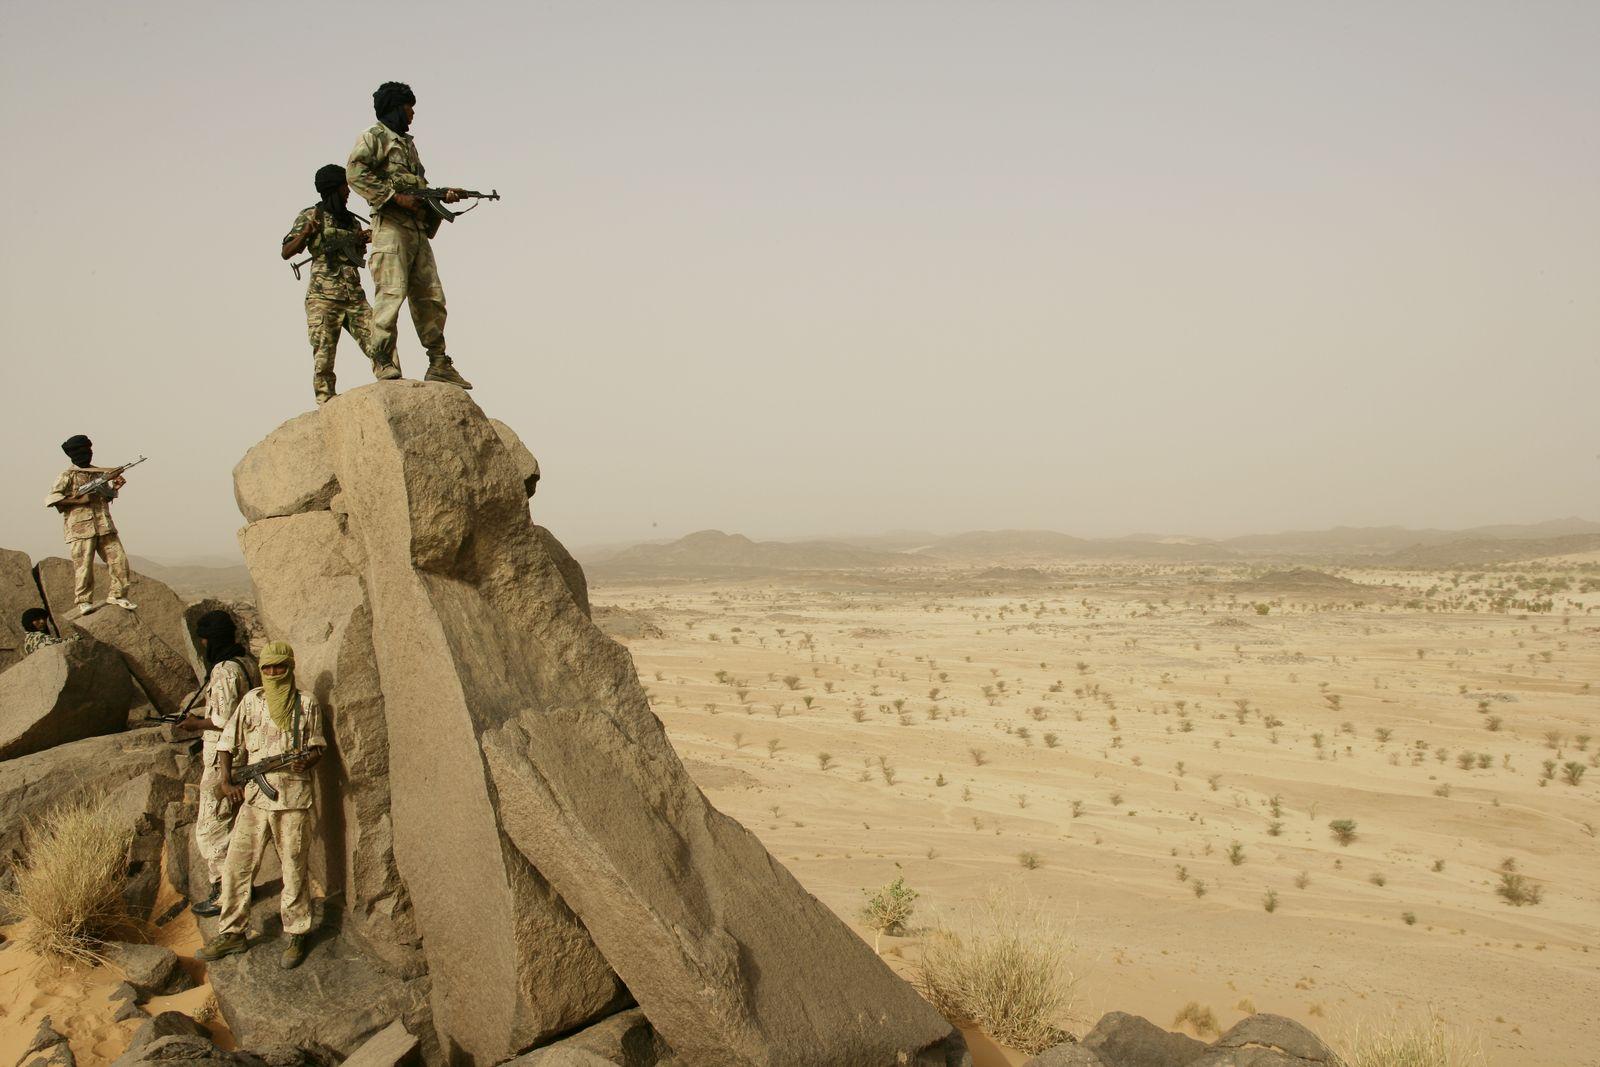 NICHT MEHR VERWENDEN! - Mali/ Tuareg Rebellion